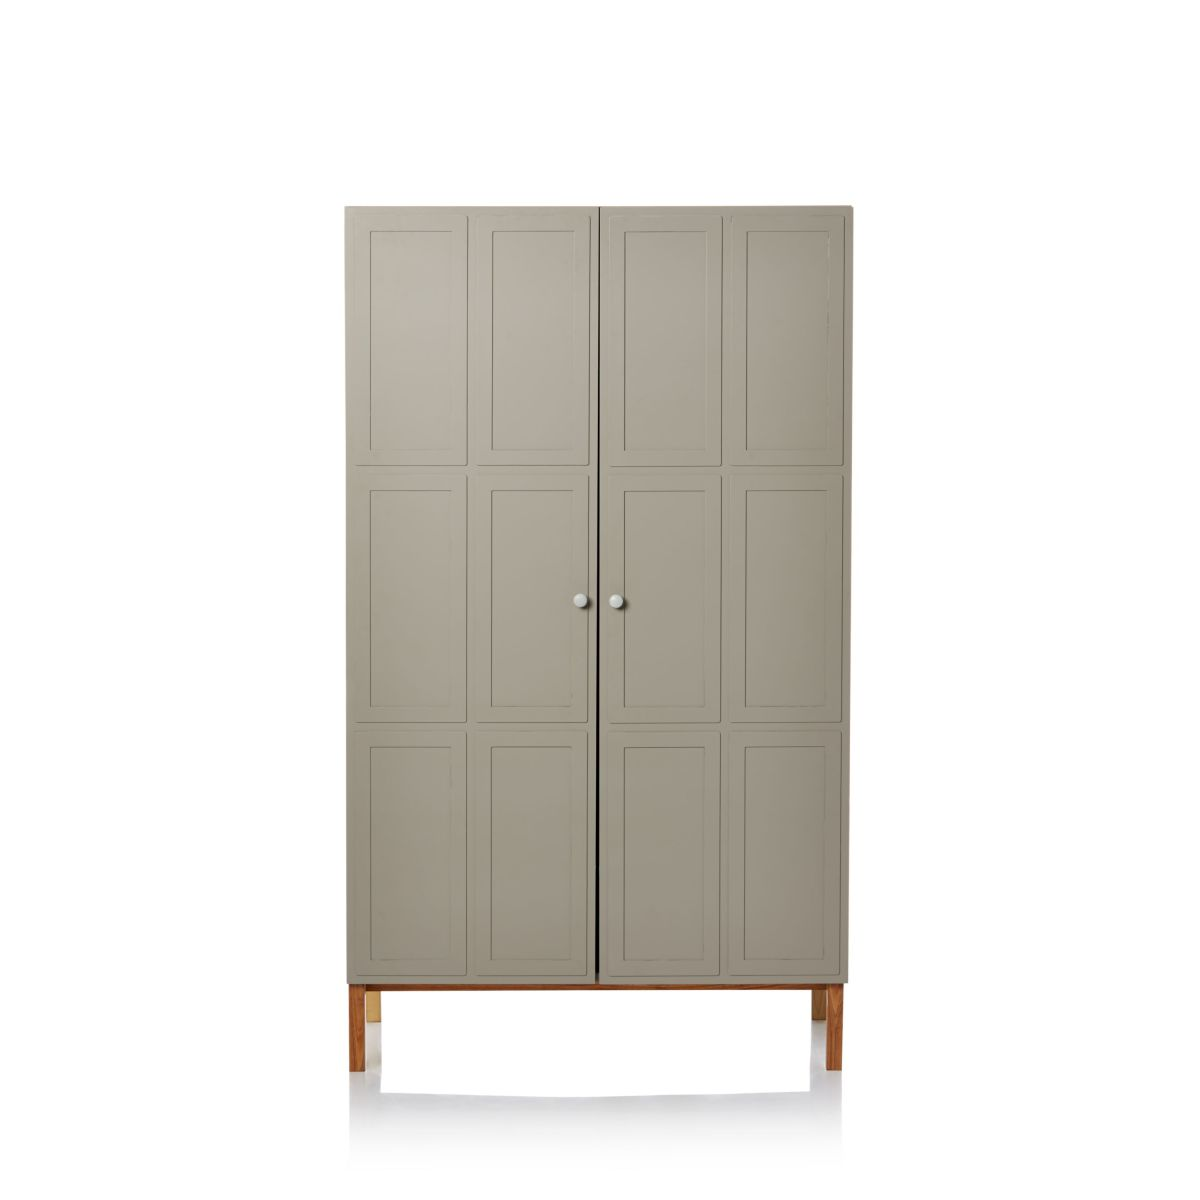 Kleiderschrank, inkl. 1 Kleiderstange, 1 Einlegeboden, Clean chic